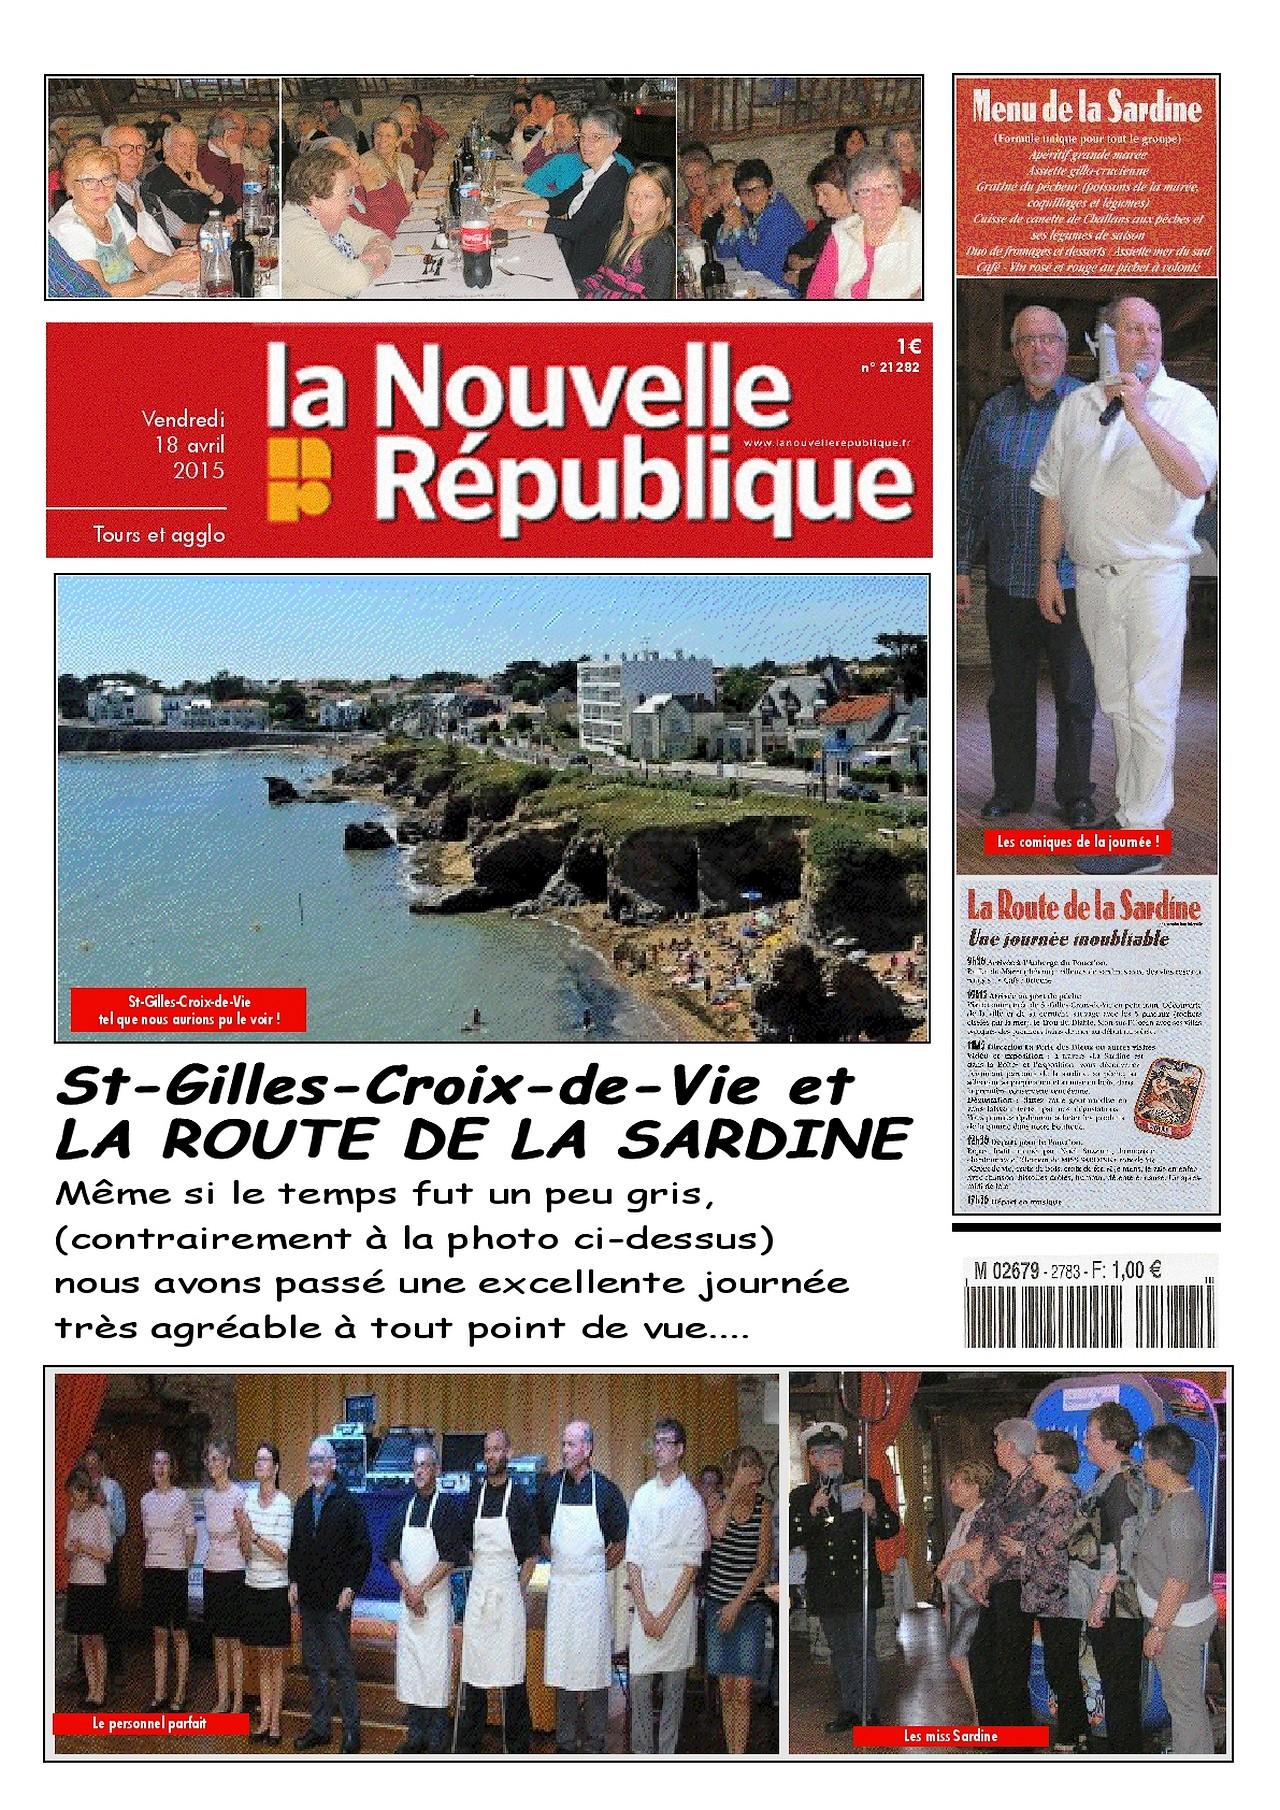 Une journée à Saint Gilles Croix de vie pour les amicalistes de la Nouvelle République